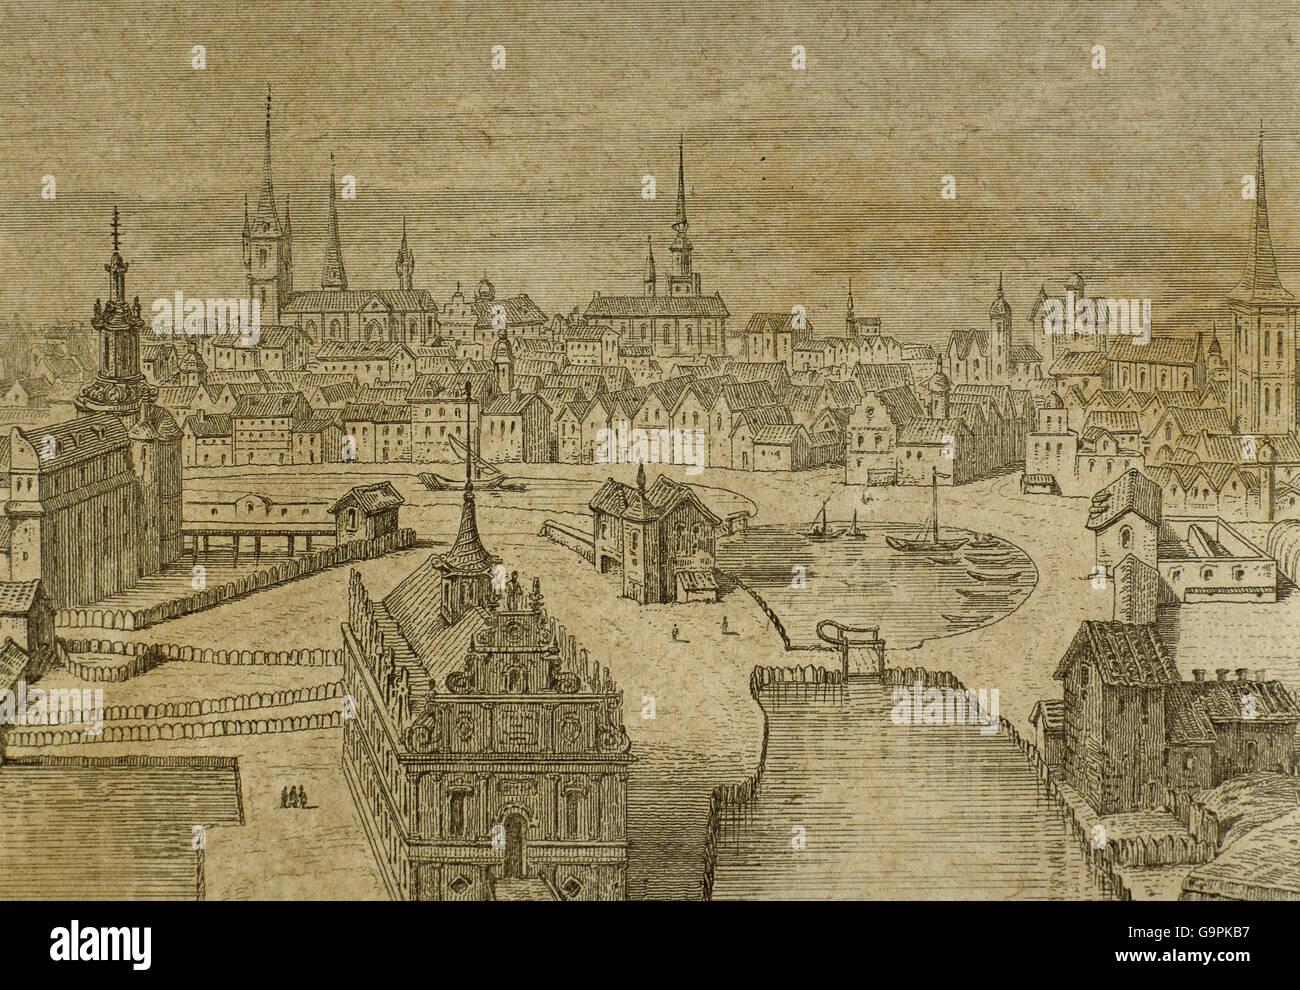 Dänemark. Kopenhagen im 16. Jahrhundert. Gravur. Stockbild